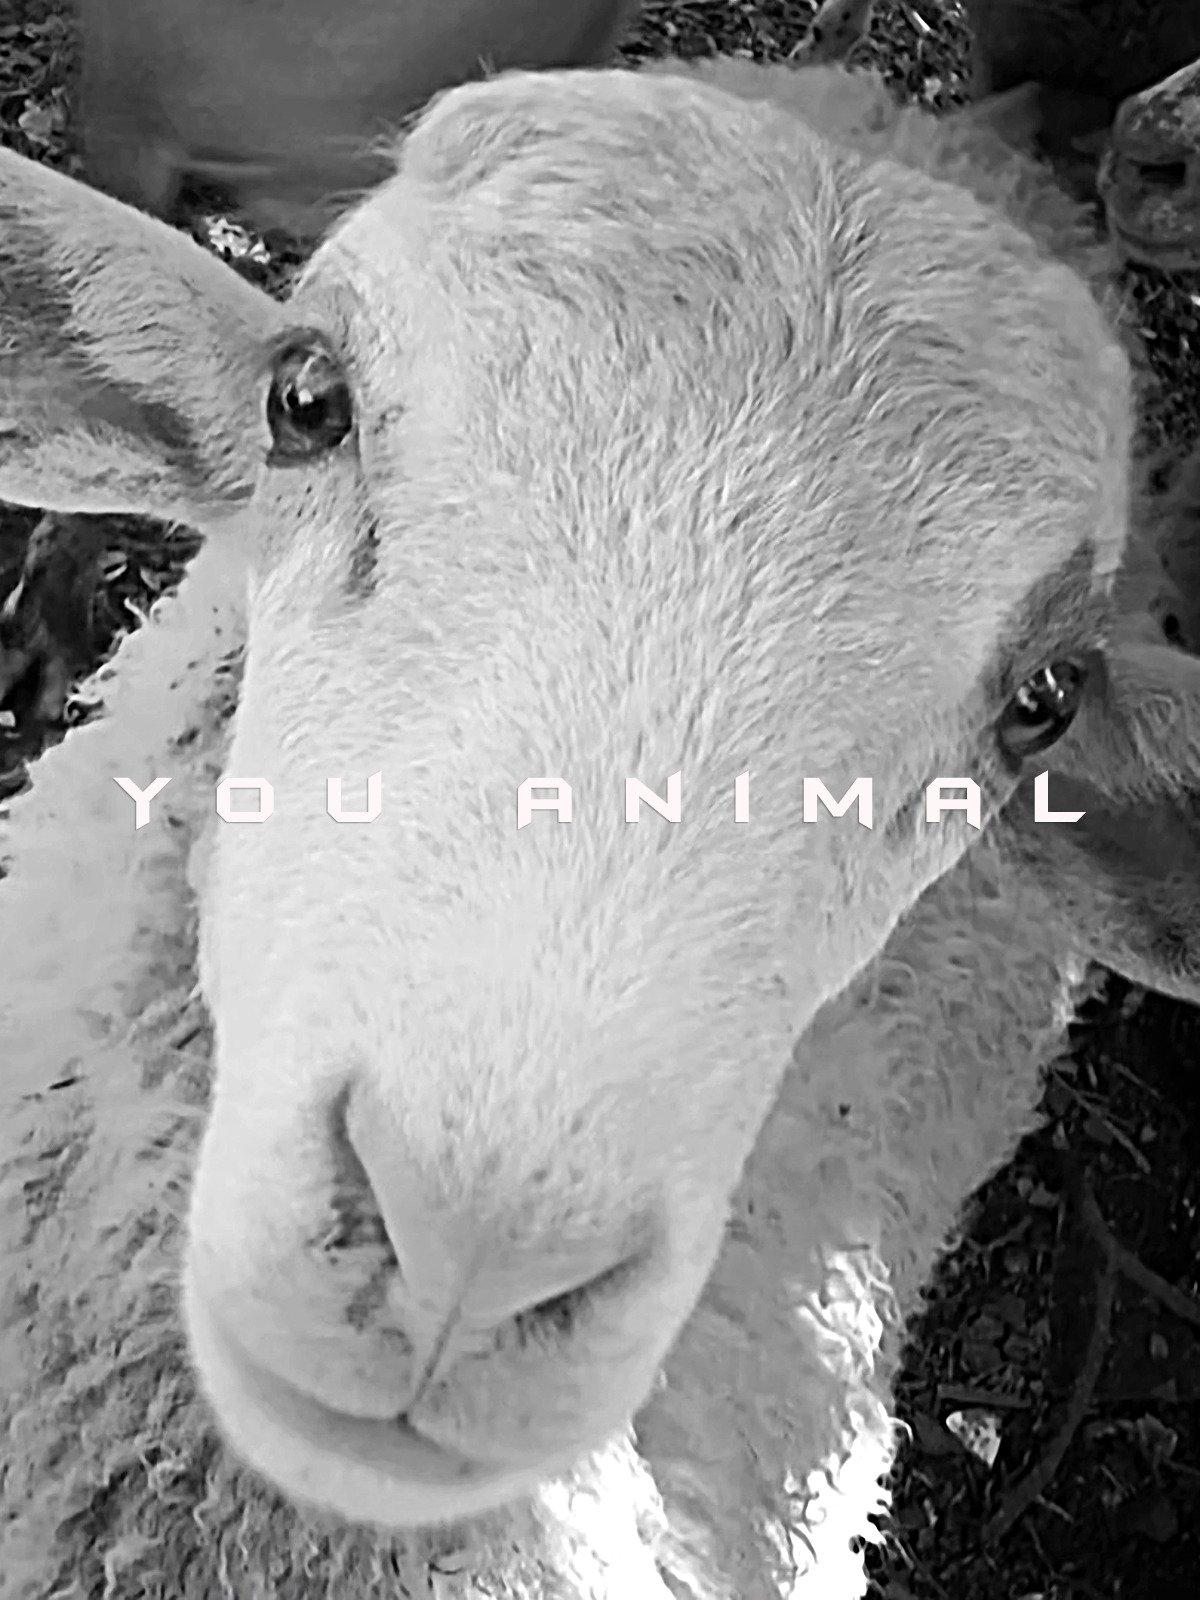 You Animal